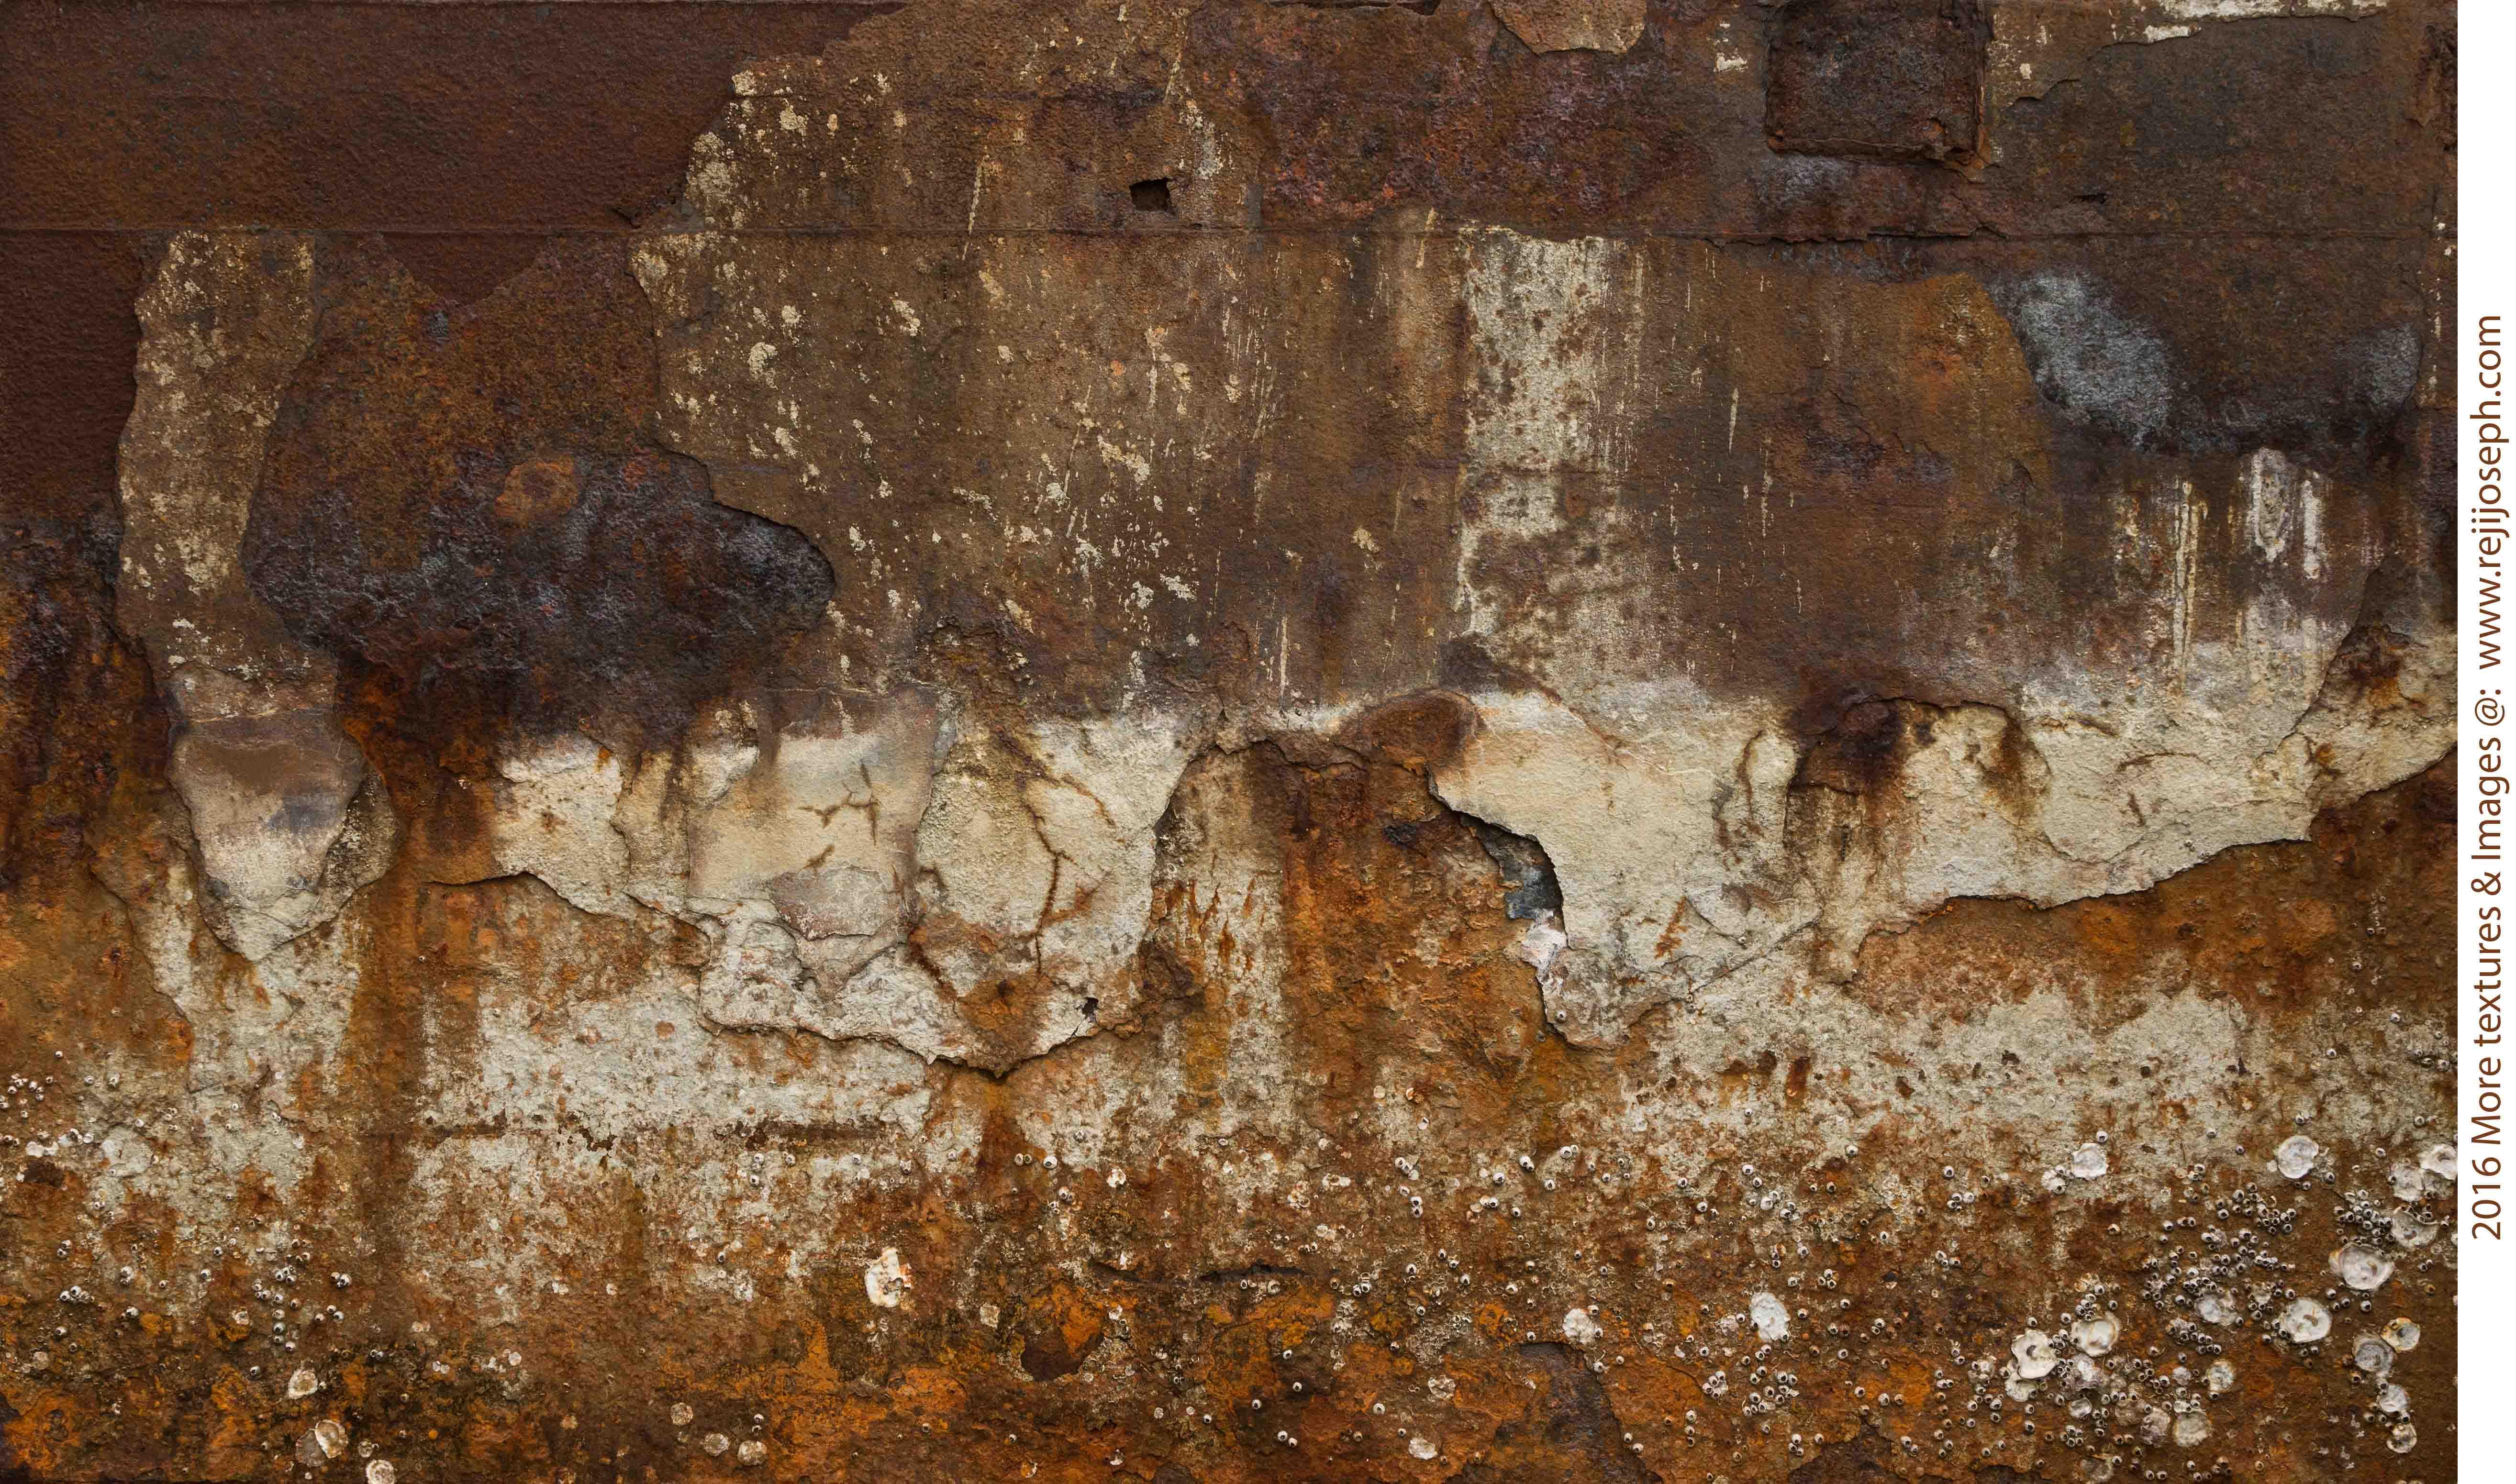 Rusty metal texture 00014